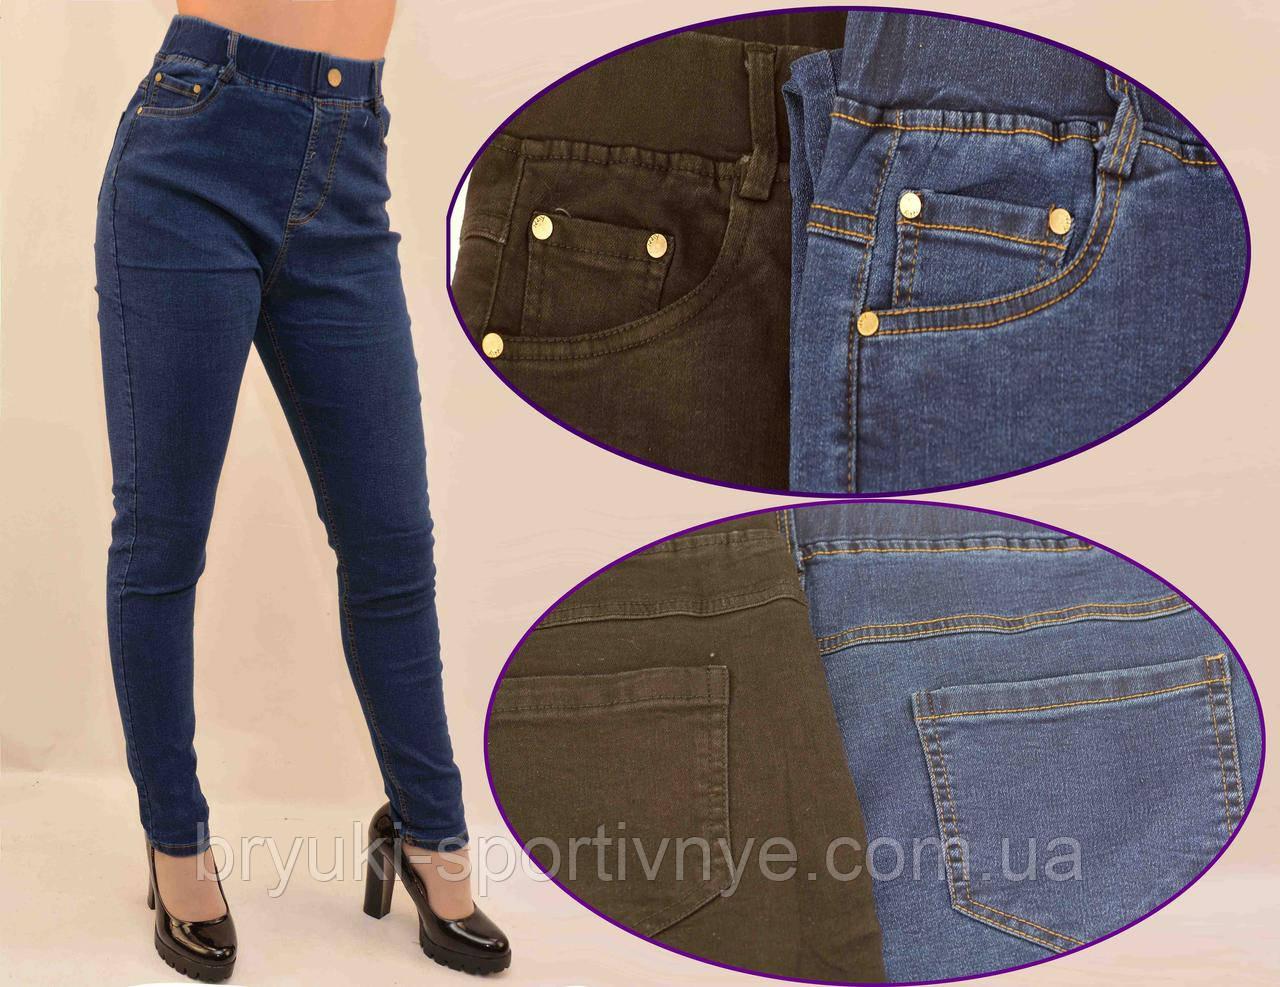 Джинсы женские в больших размерах с боковыми и задними карманами